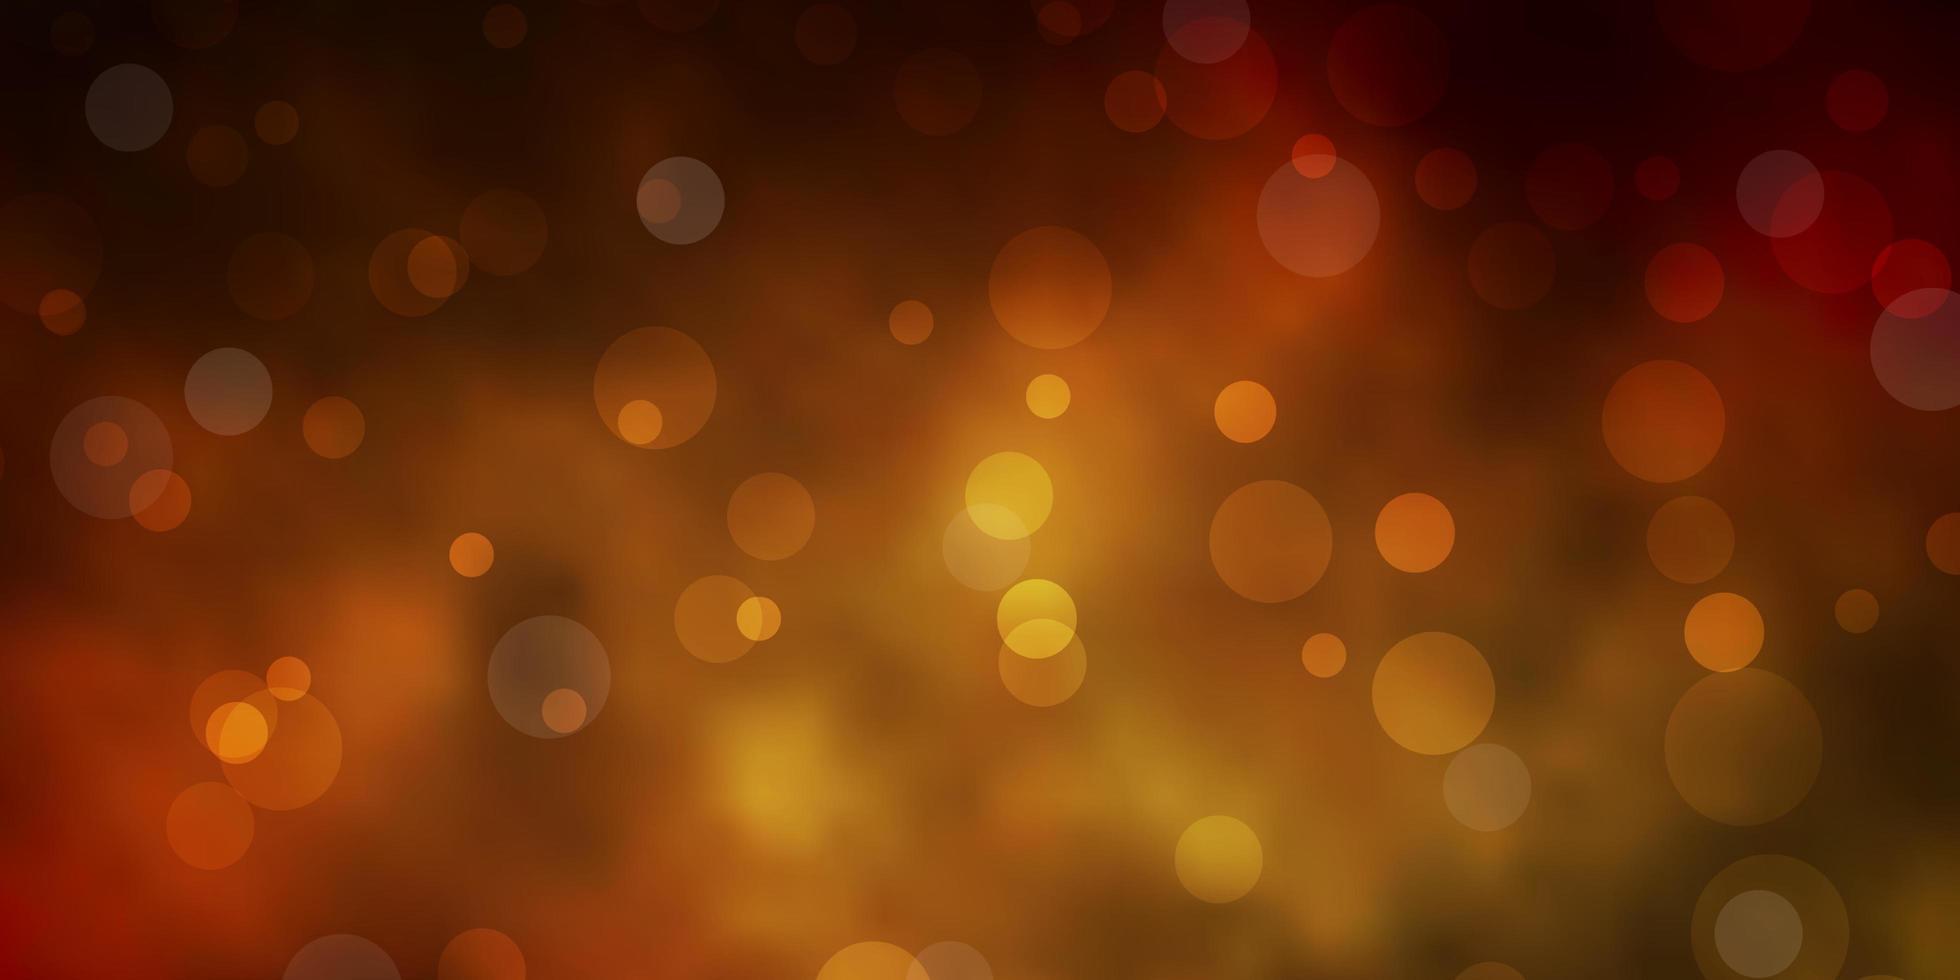 sfondo vettoriale giallo scuro con cerchi.